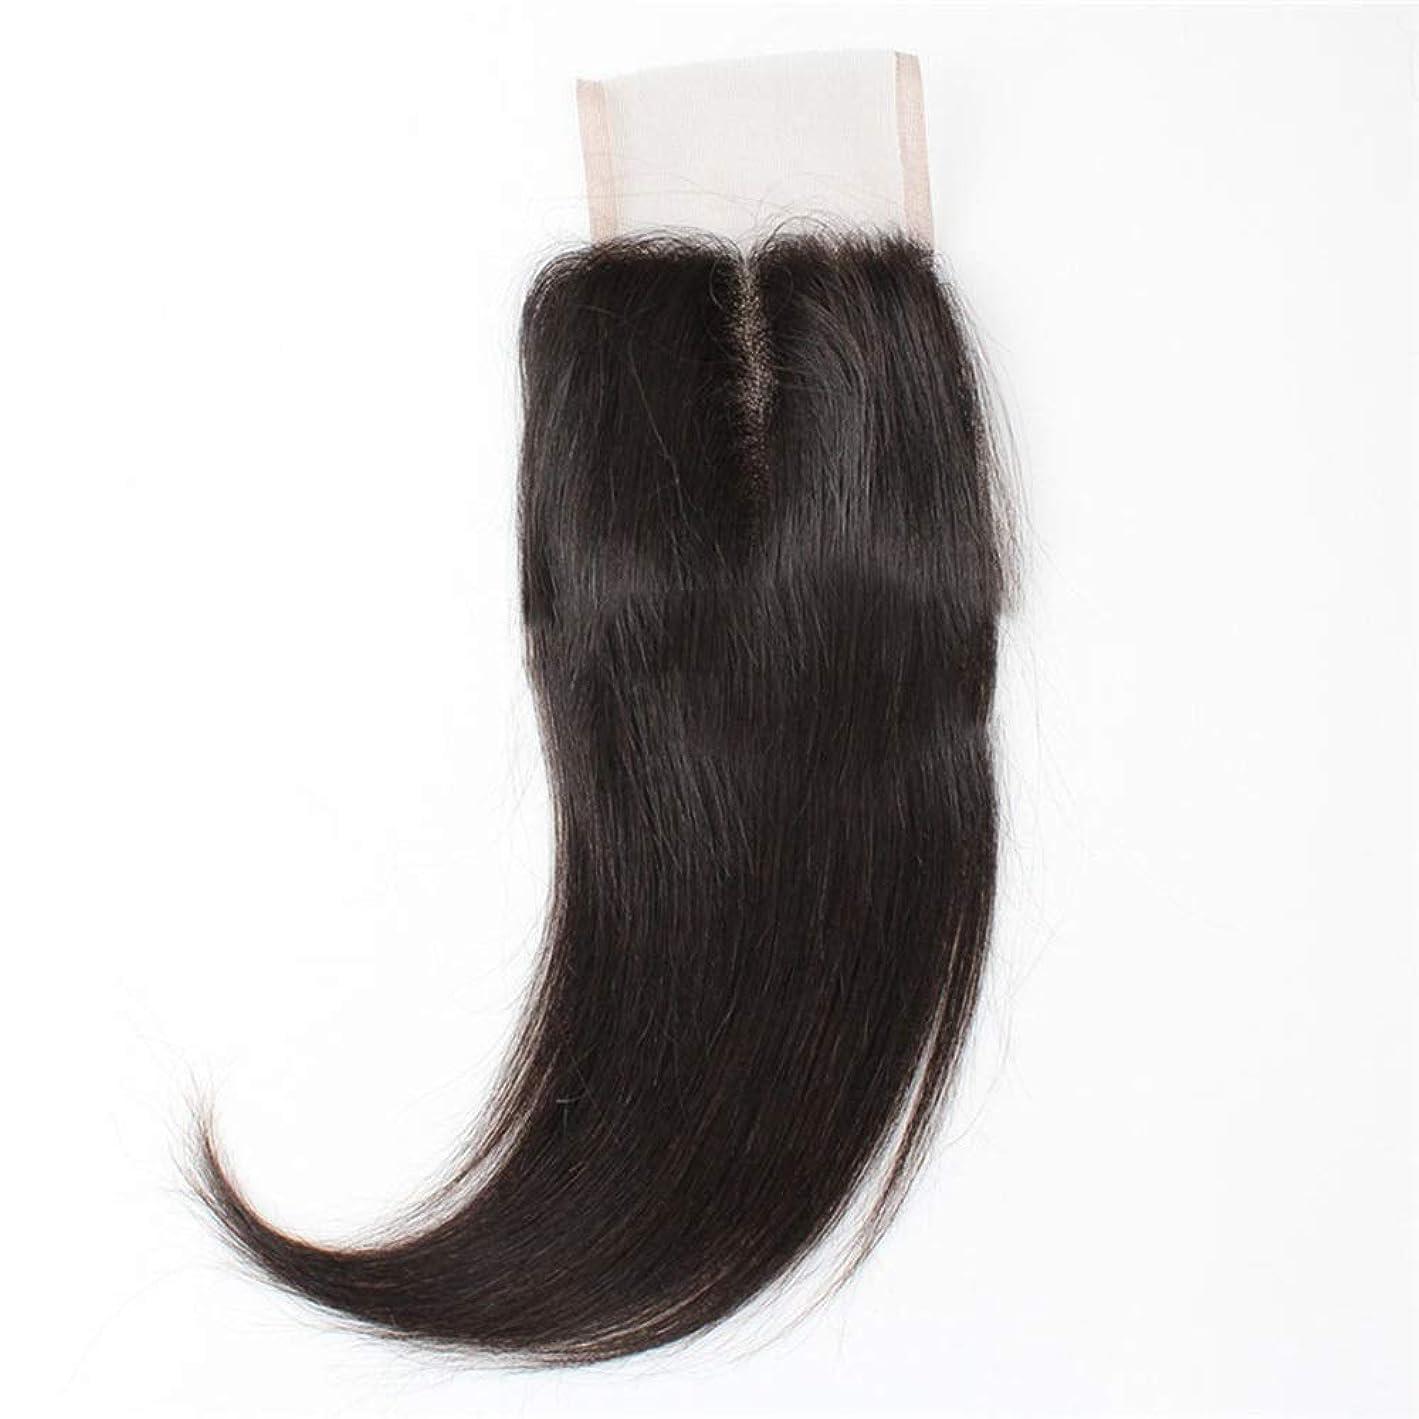 パールディーラーほのかYrattary ブラジルの髪4×4フルレース前頭閉鎖9A未処理人間の髪の毛絹のようなストレートヘアミドルパートナチュラルブラック複合毛レースのかつらロールプレイングかつらロングとショートの女性自然 (色 : 黒, サイズ : 20 inch)